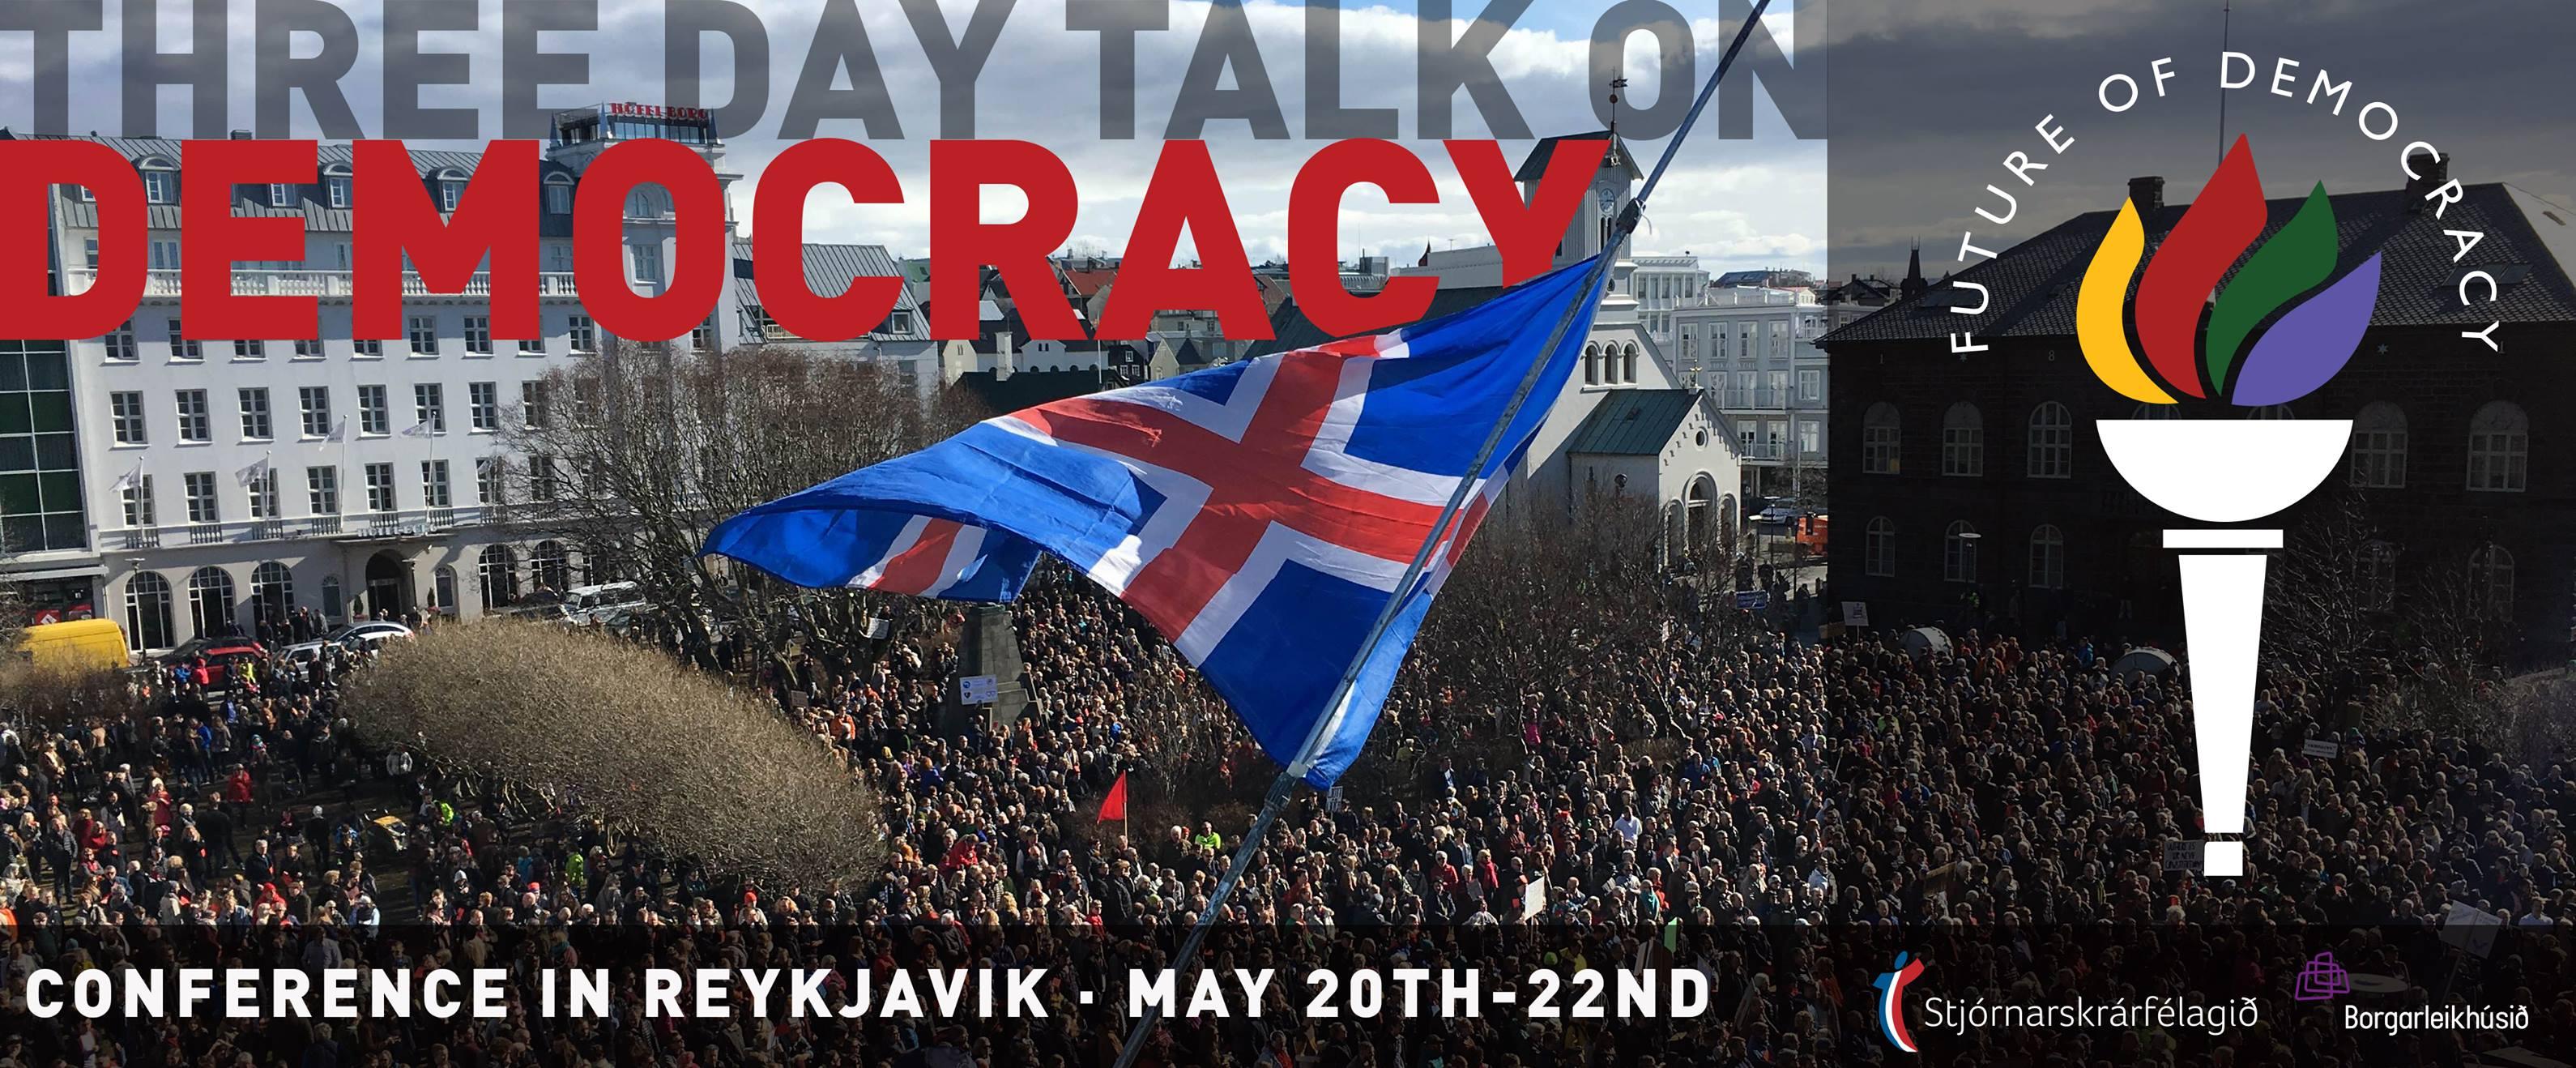 Διεθνής συνάντηση στην Ισλανδία για το μέλλον της Δημοκρατίας